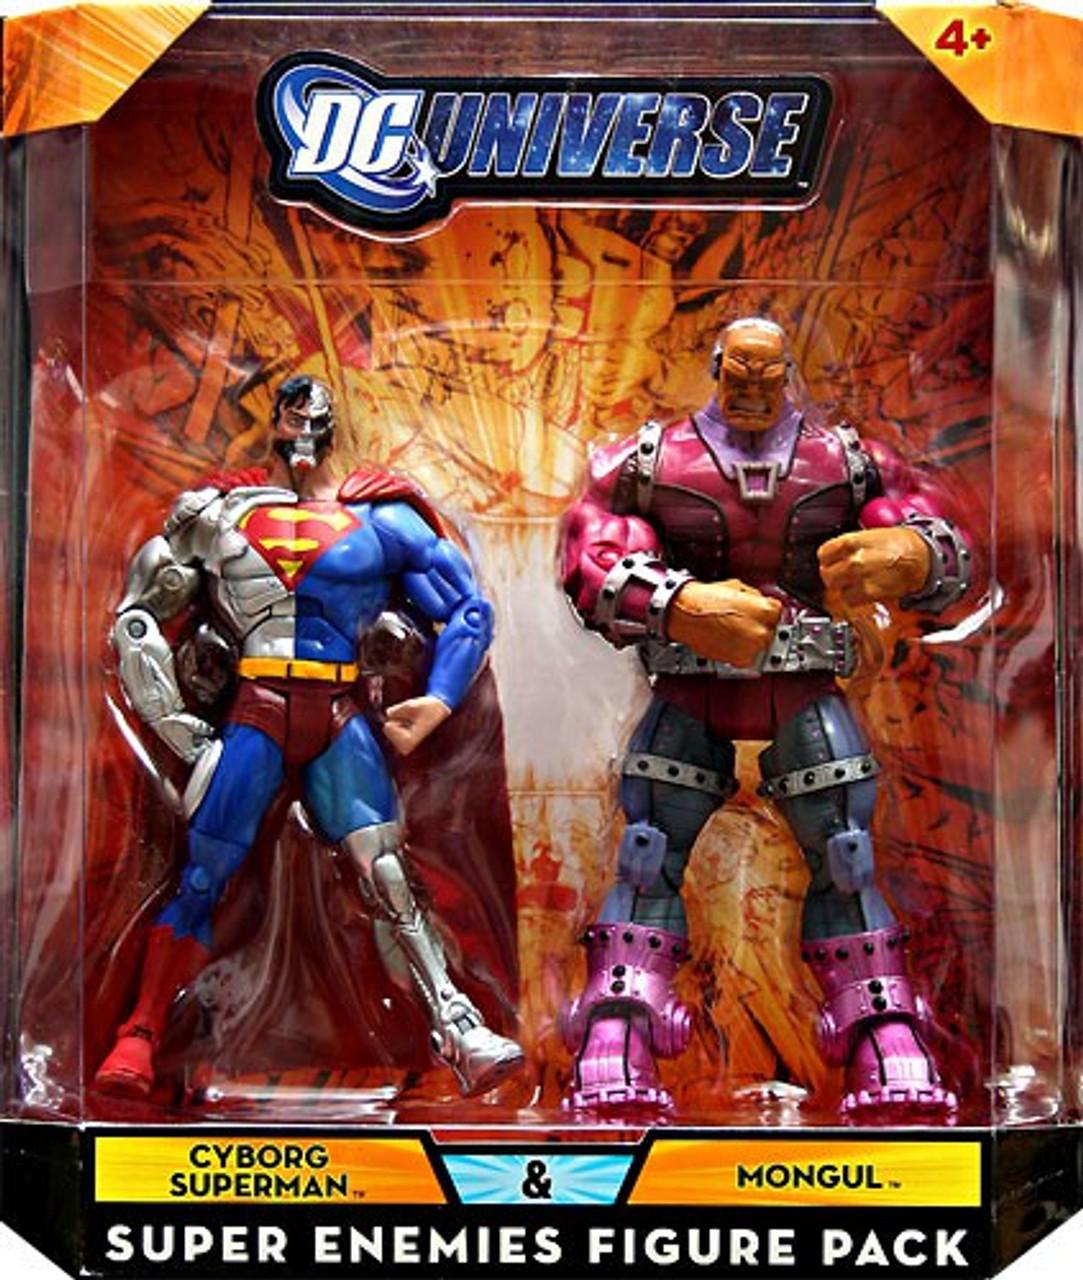 DC Universe Cyborg Superman & Mongul Exclusive Action Figures